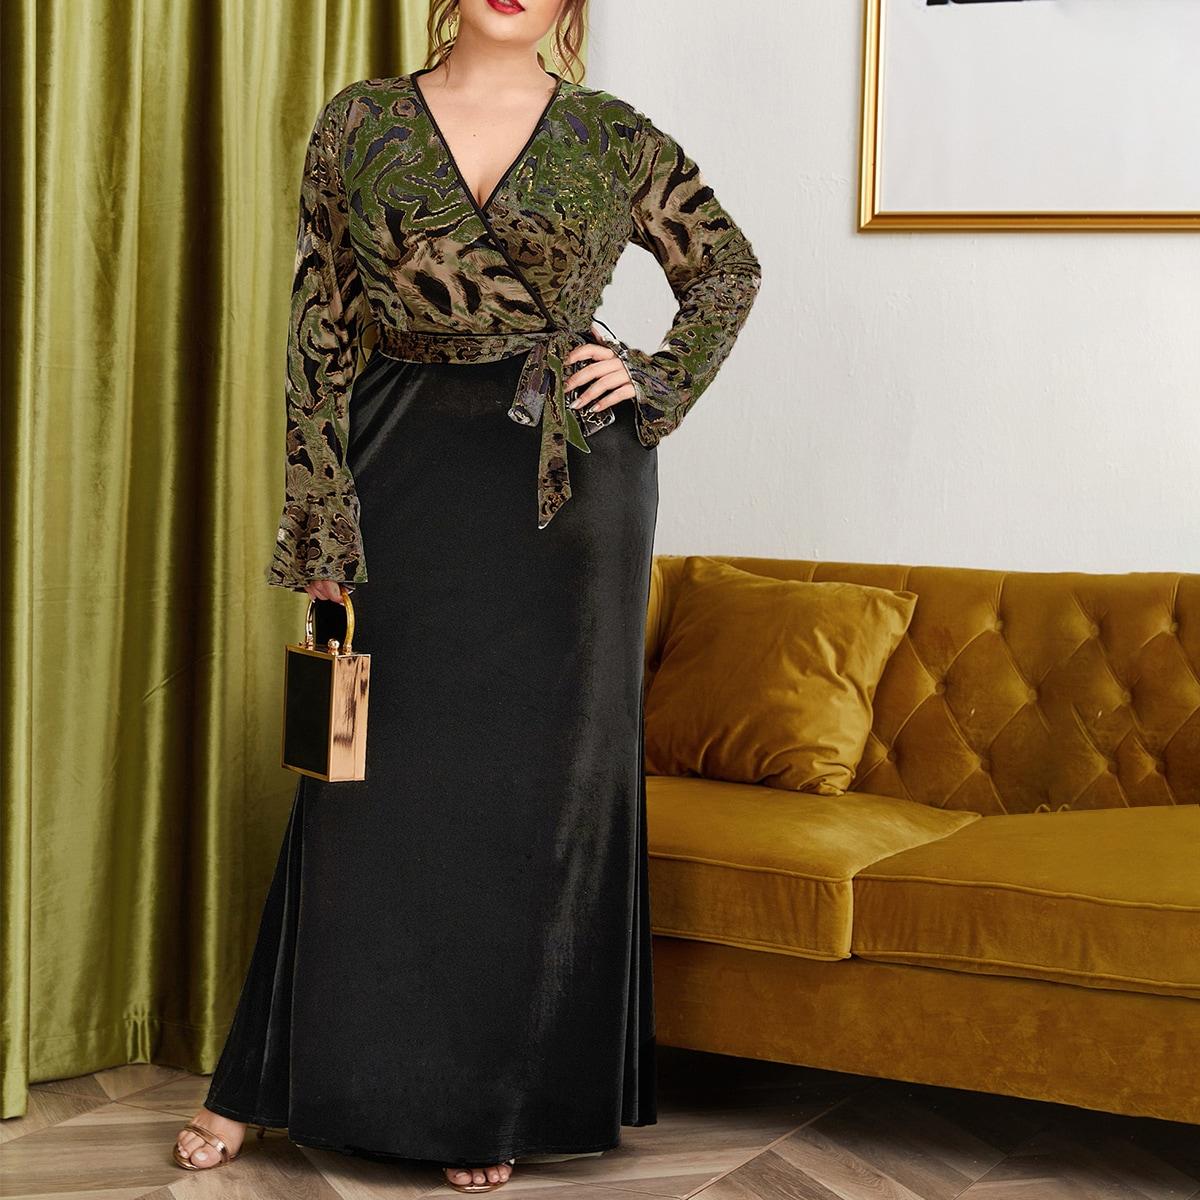 Бархатное платье размера плюс с леопардовым принтом и поясом